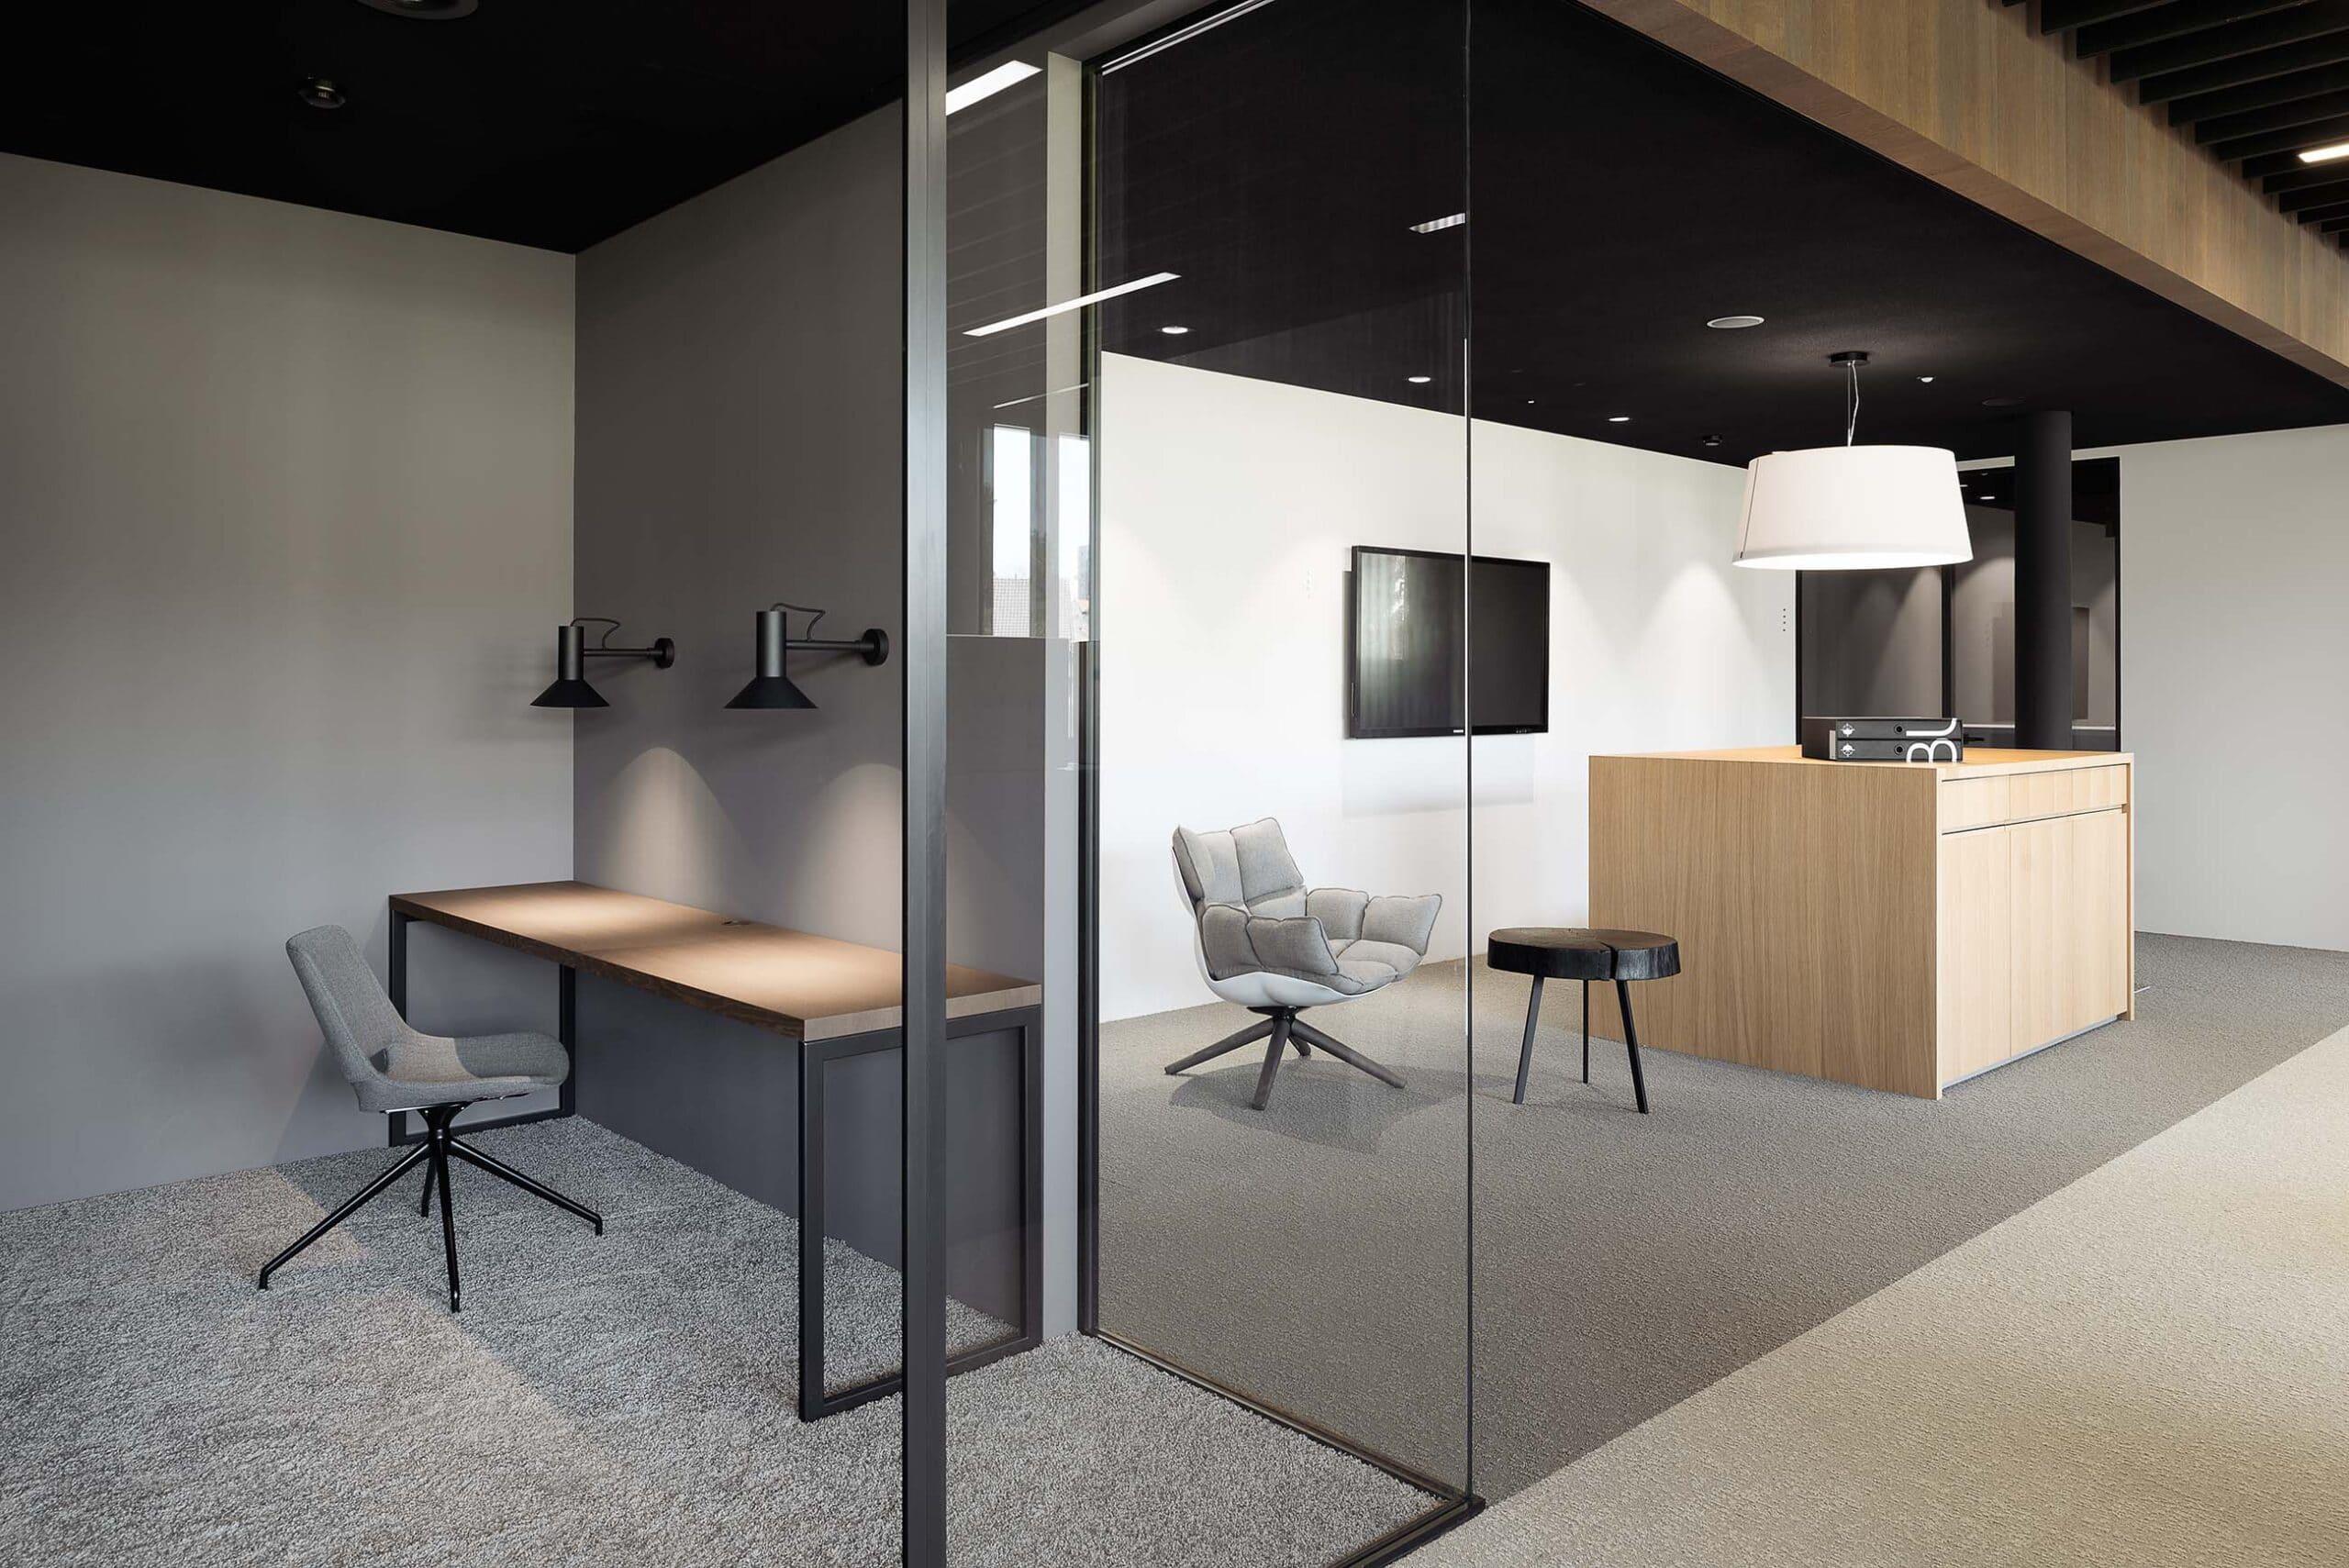 Büroräumlichkeiten von Fortimo in St. Gallen